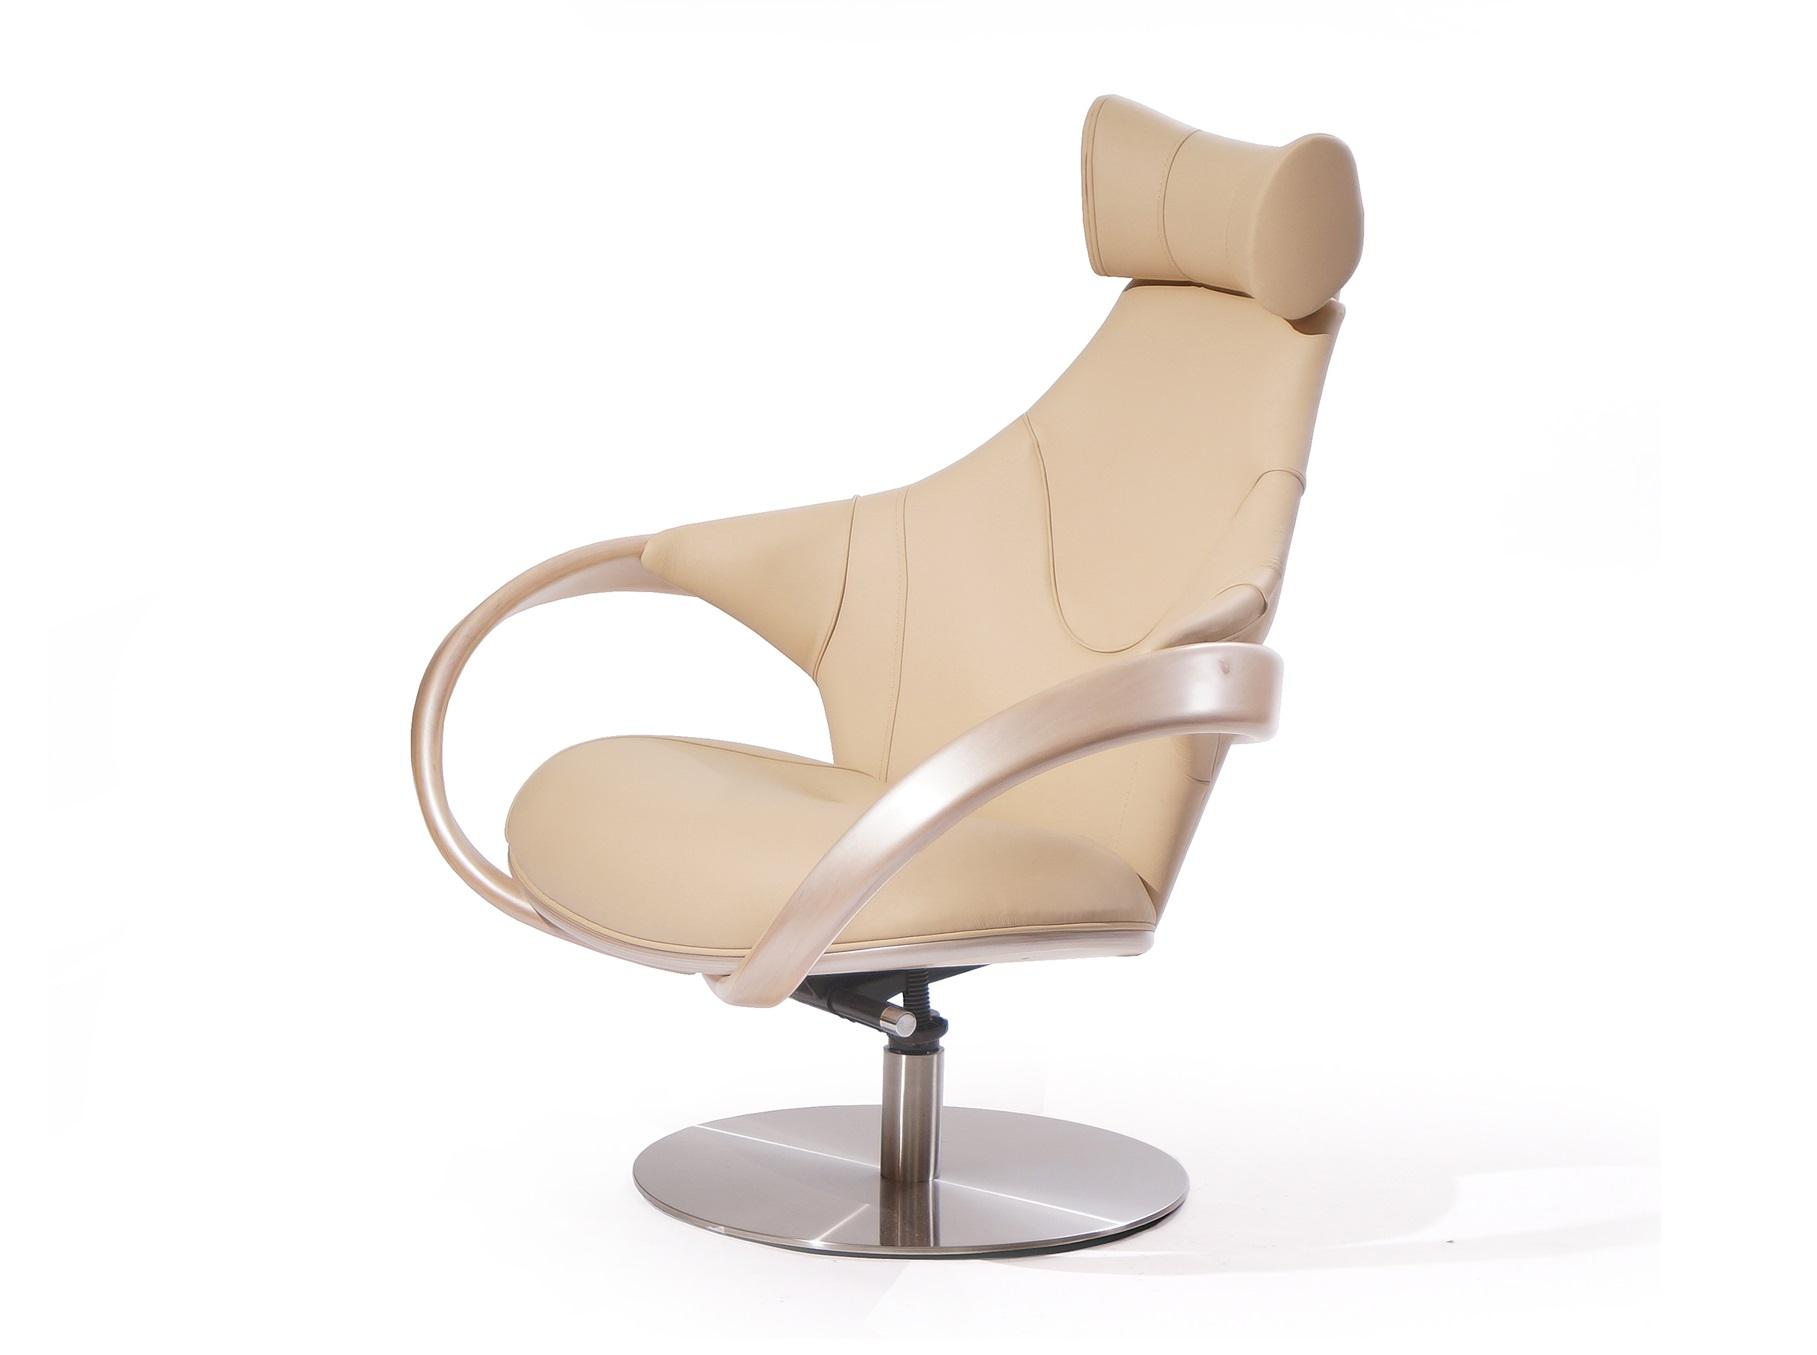 """Кресло """"Apriori S""""Интерьерные кресла<br>Дизайнерское кресло с изящными подлокотниками из натурального дерева.&amp;amp;nbsp;<br><br>Material: Текстиль<br>Ширина см: 85.0<br>Высота см: 110.0<br>Глубина см: 102.0"""